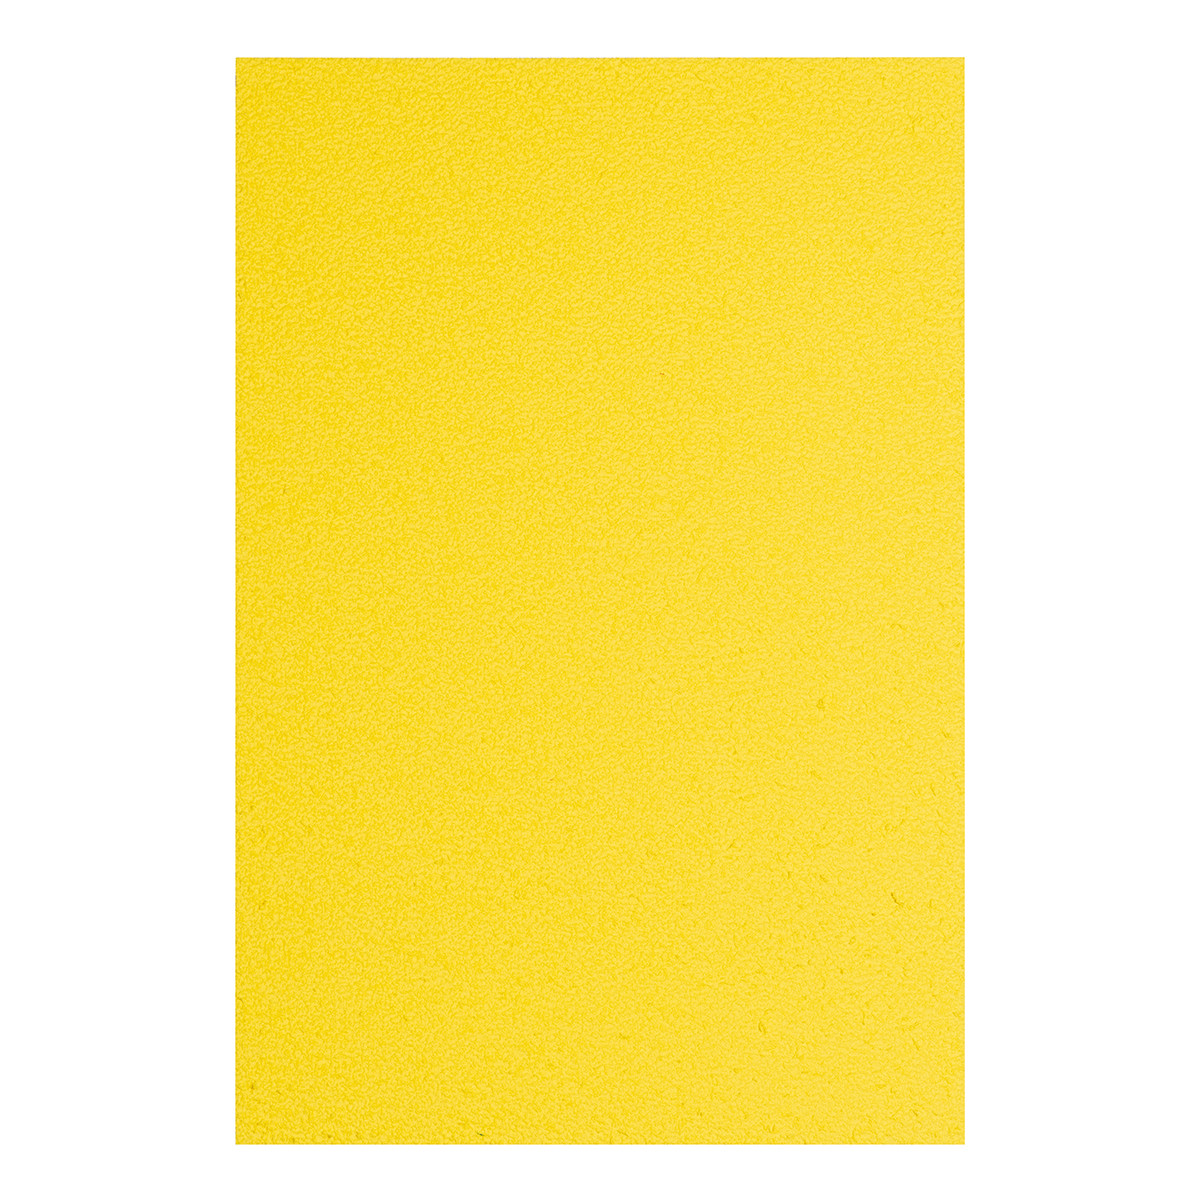 Фоамиран ЭВА желтый махровый, 200*300 мм, толщина 2 мм, 10 листов